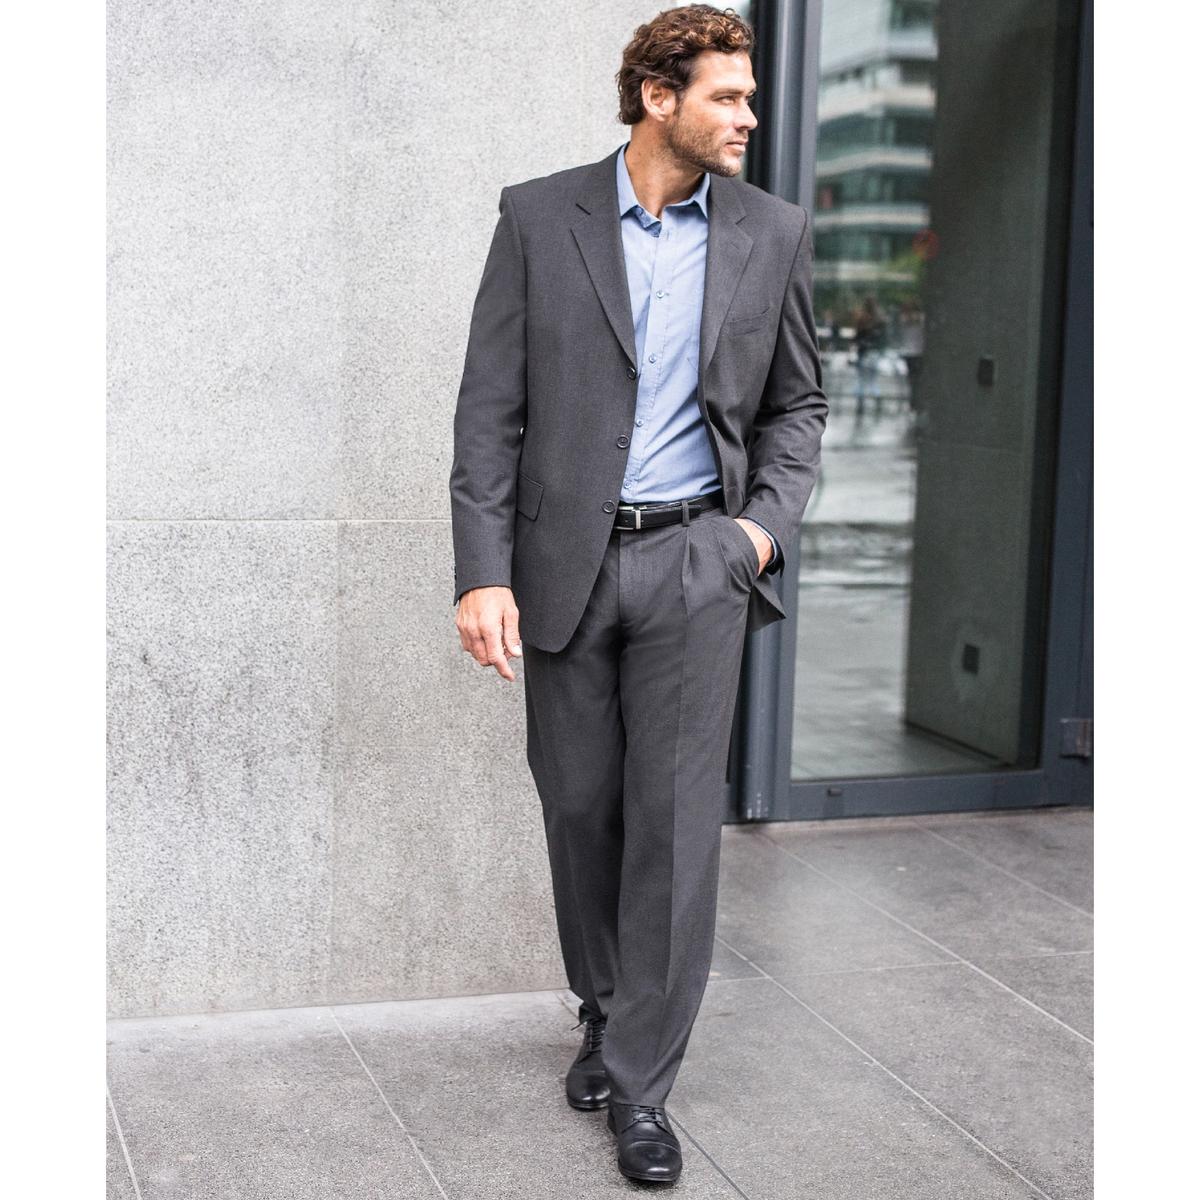 Пиджак костюмный, стрейч, размер 2